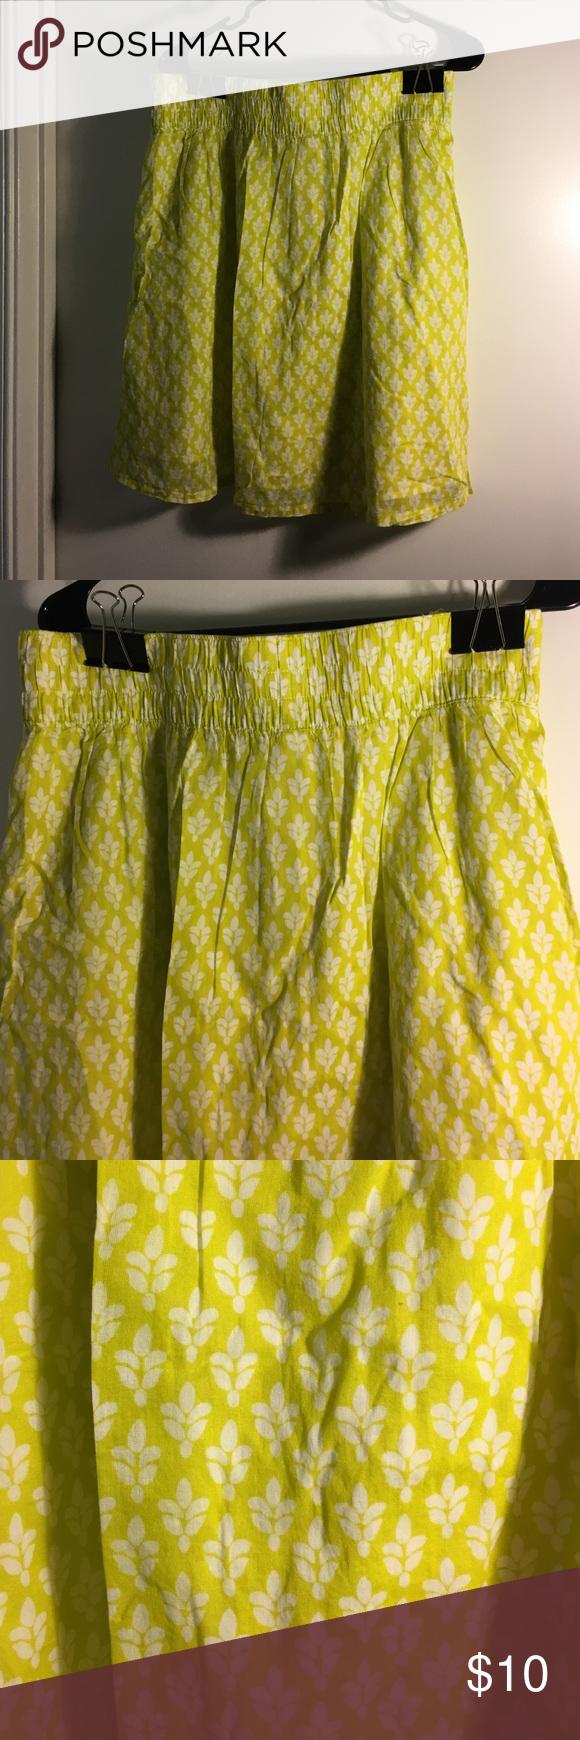 Elastic waist skirt lime green and white Elastic waist skirt Old Navy Skirts Midi